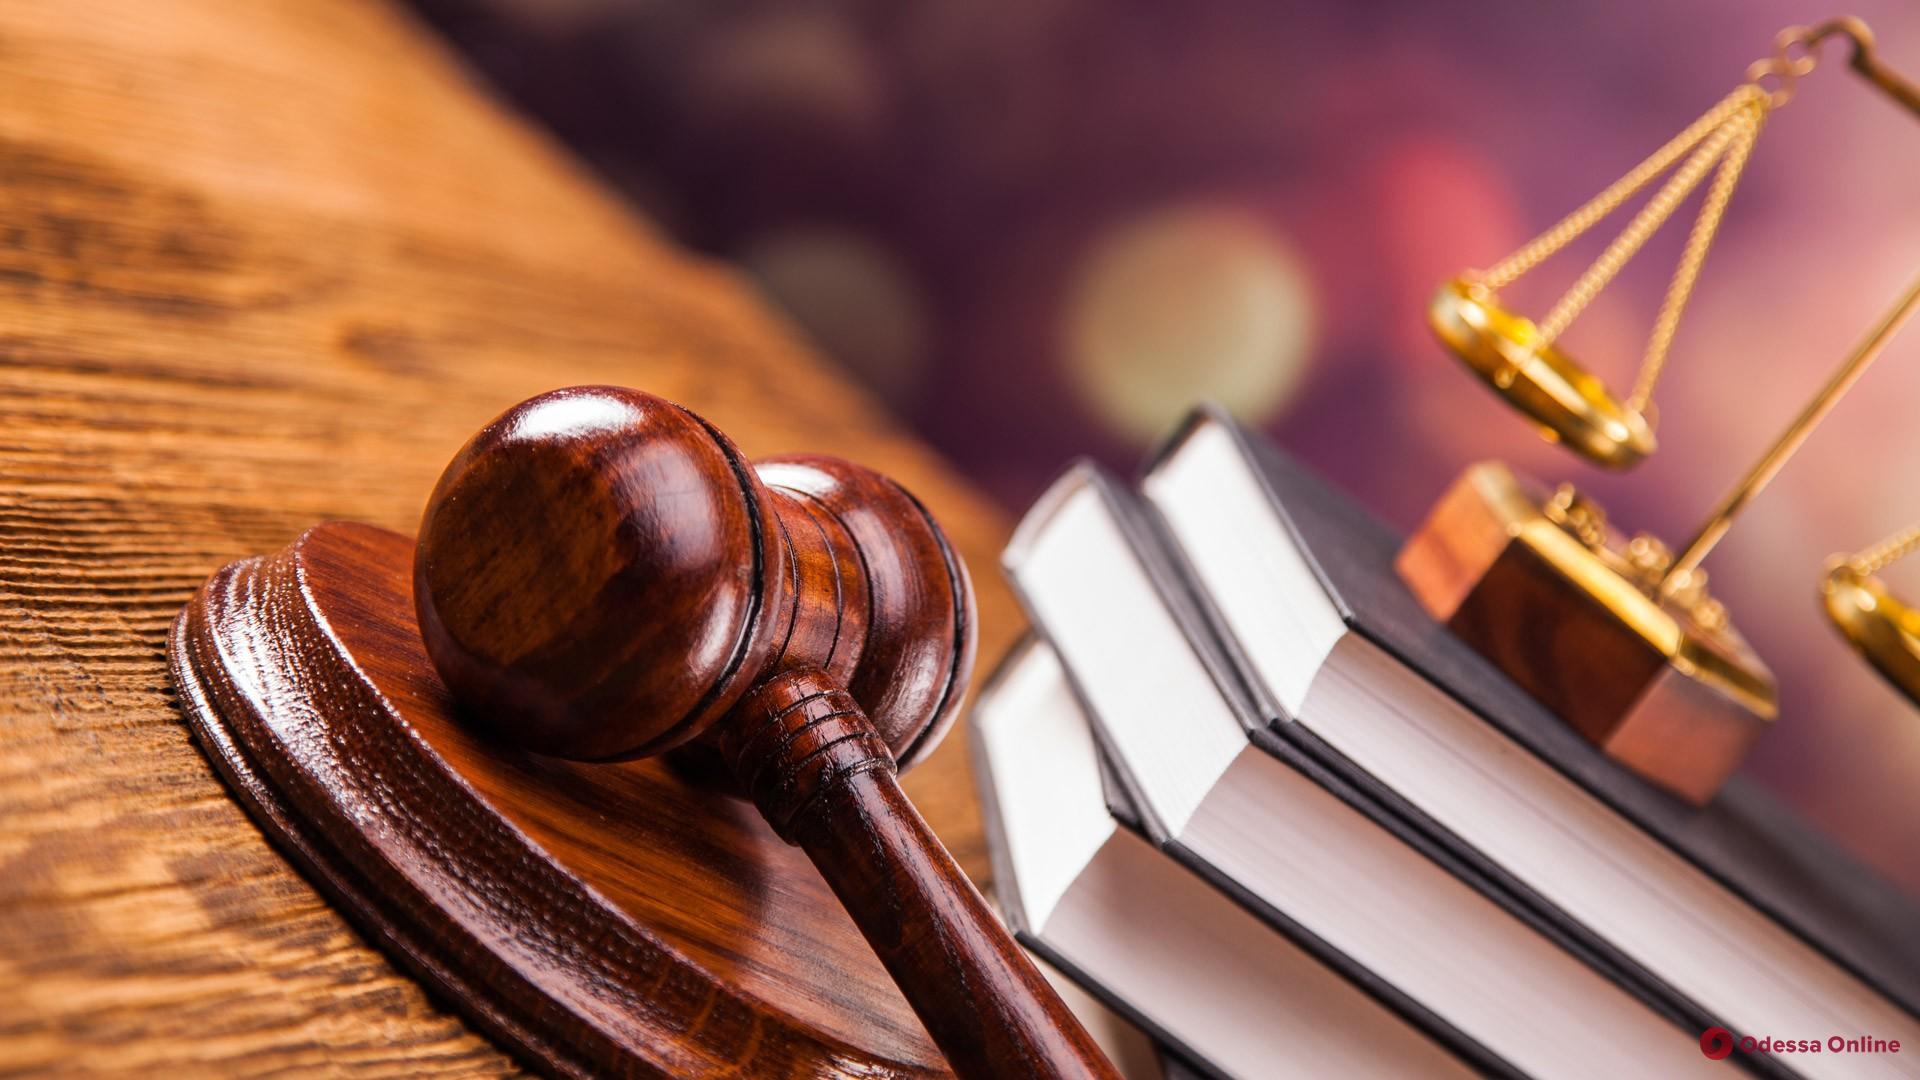 За жестокое убийство одесский суд приговорил супружескую пару к 15 годам тюрьмы